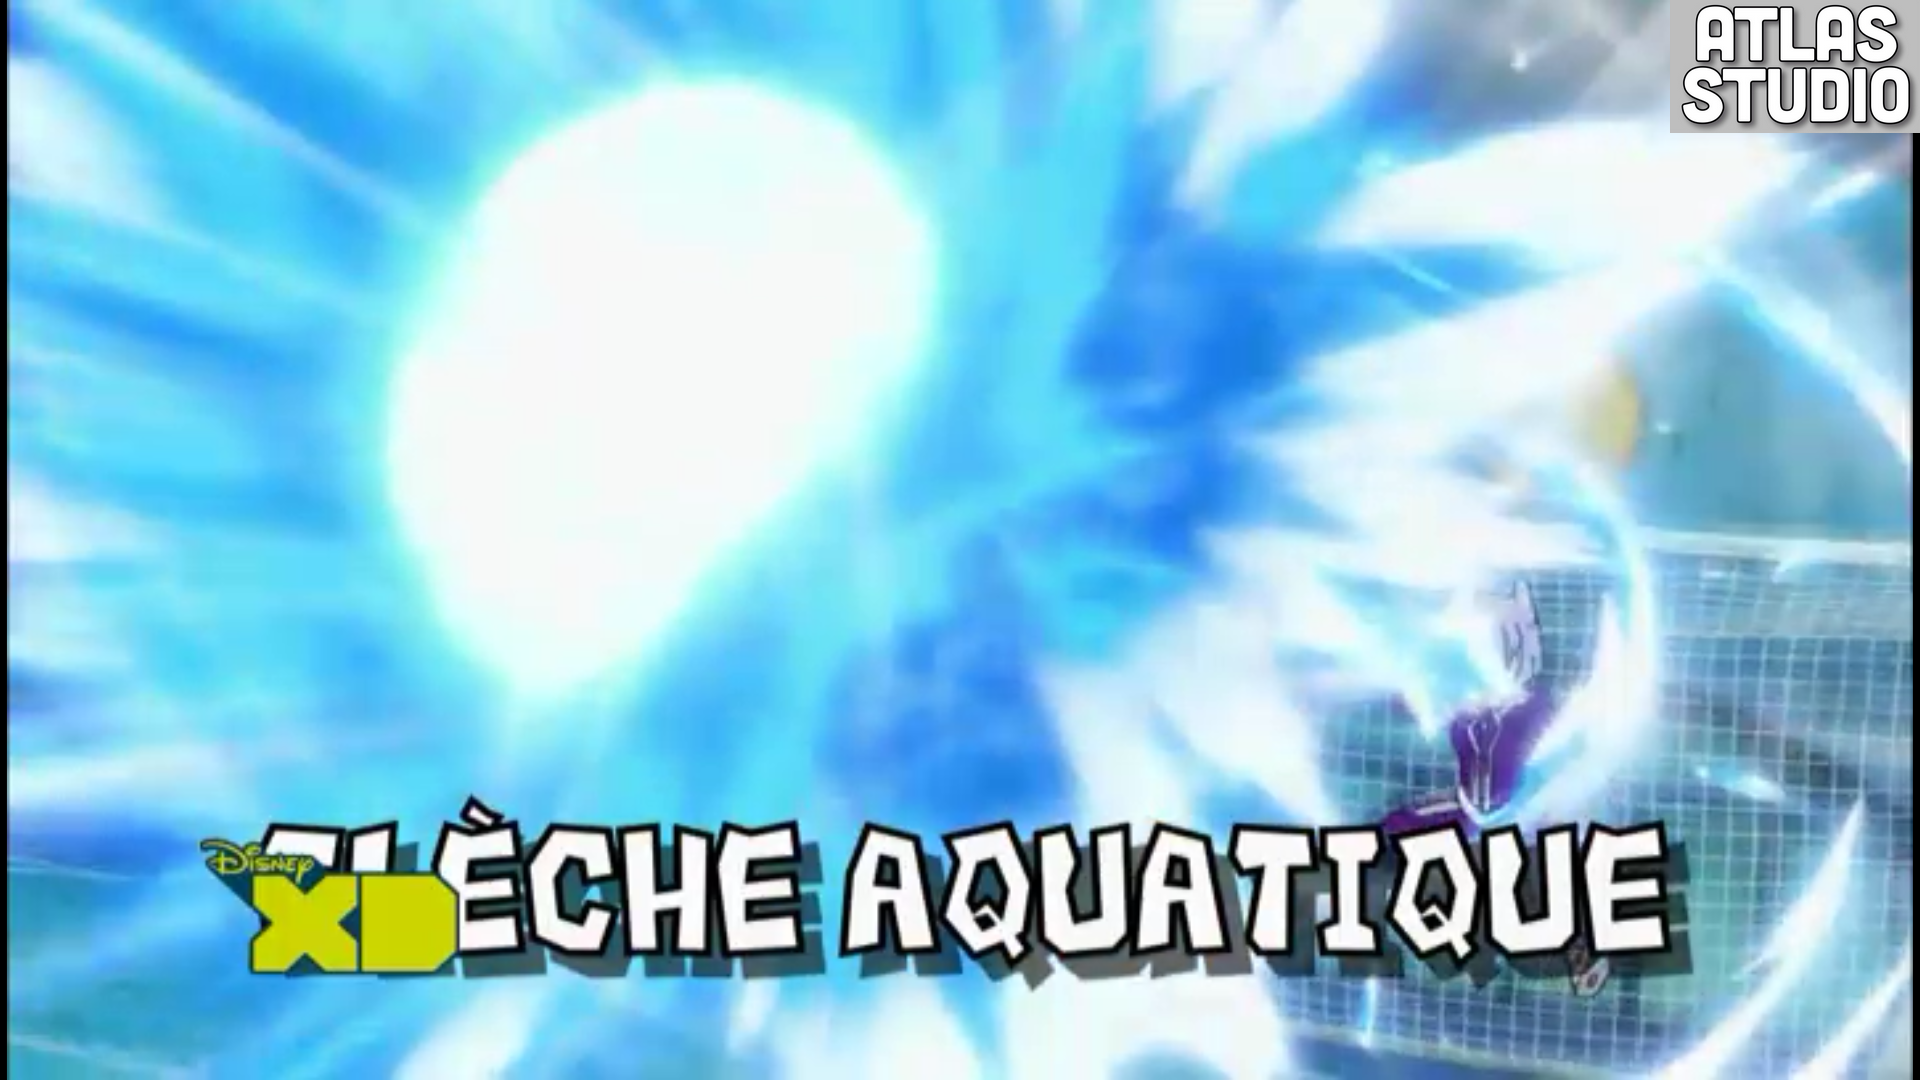 Flèche Aquatique